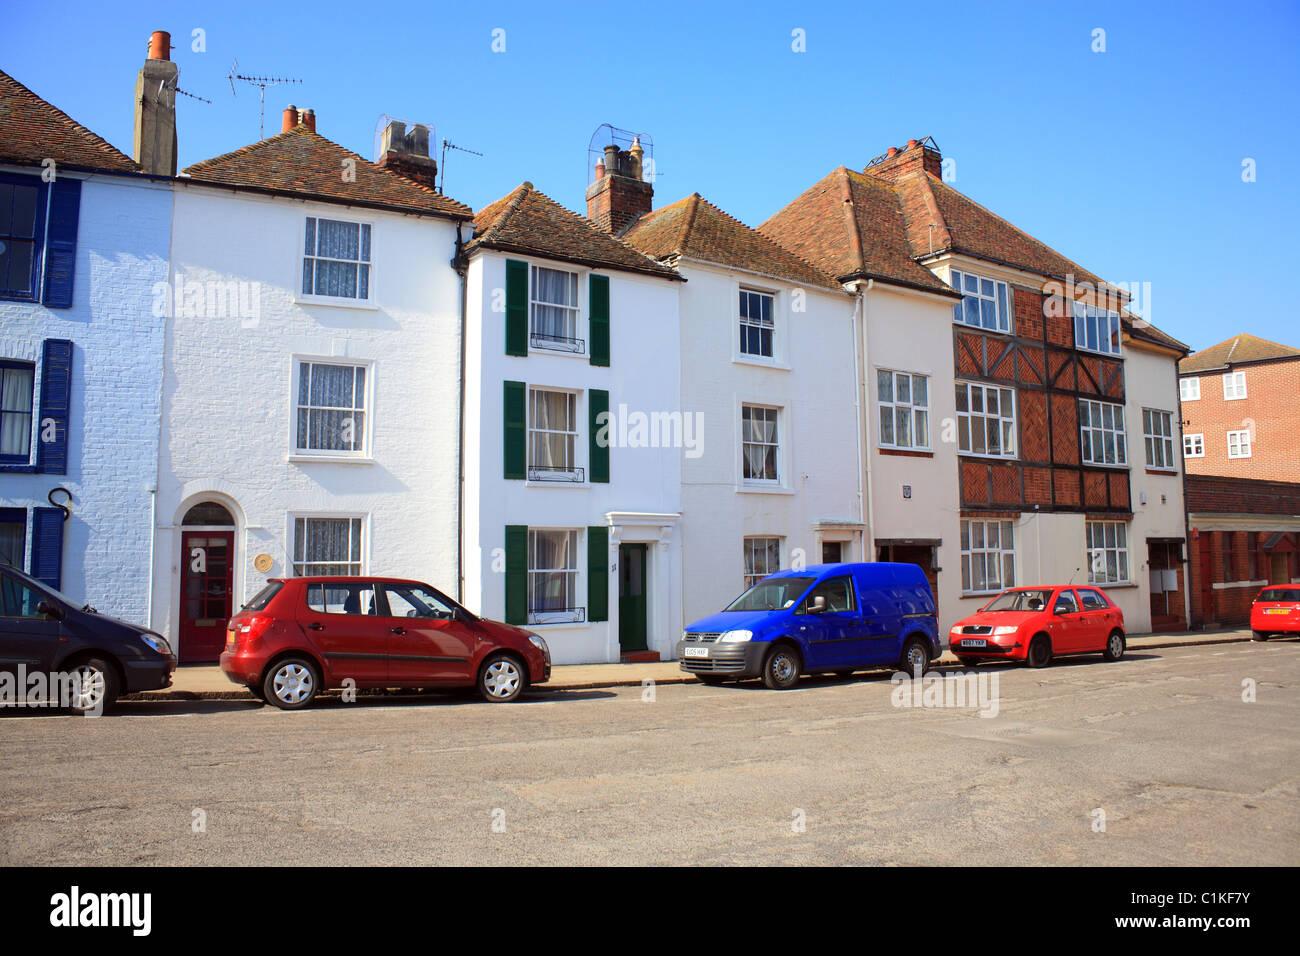 The Bayle, Folkestone, Kent, England, UK, Europe - Stock Image